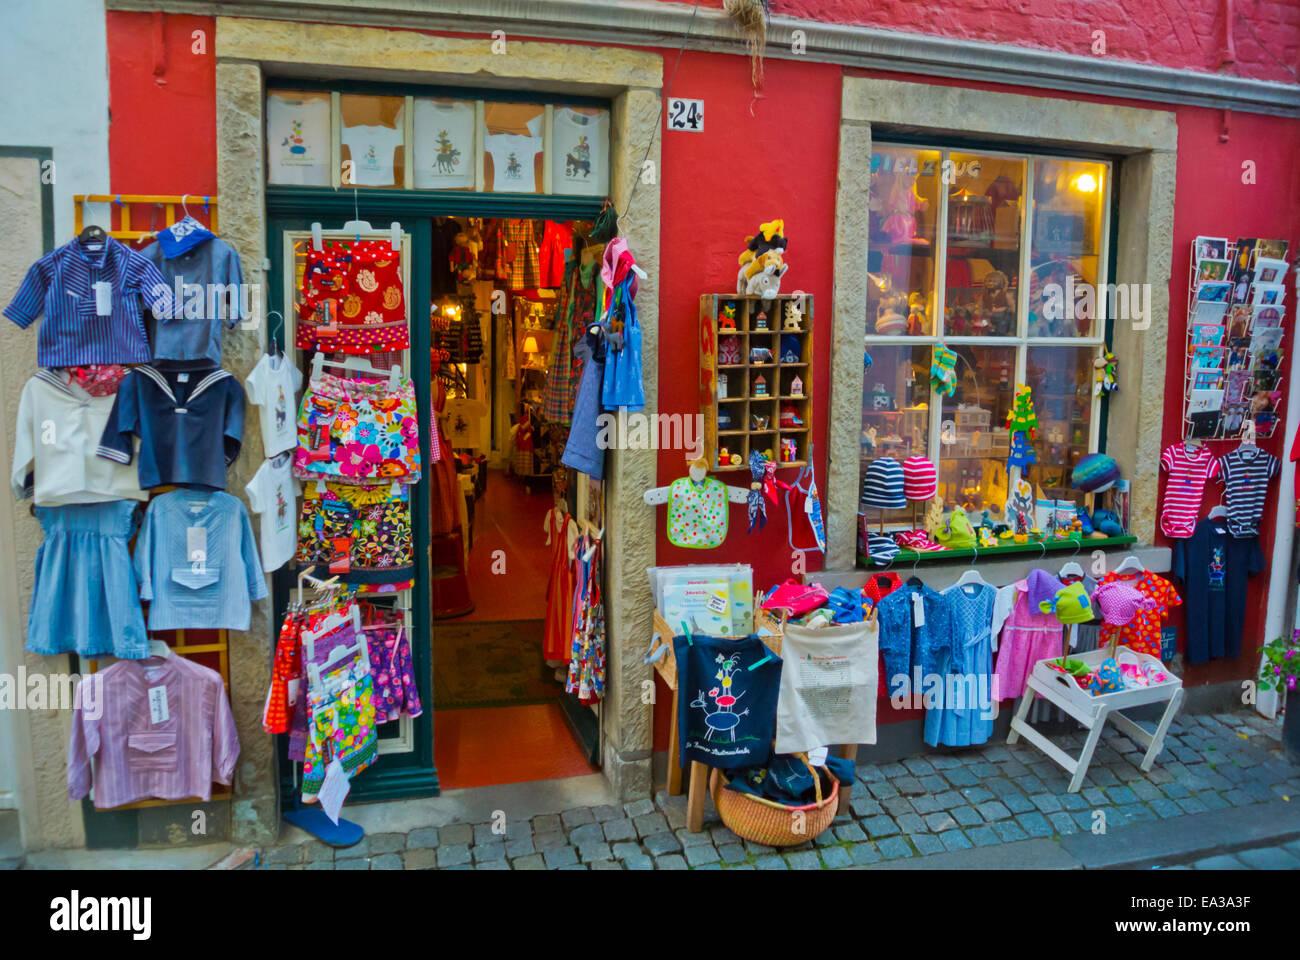 Tienda de venta de ropa y recuerdos infantiles, Schnoorviertel, distrito de Schnoor, el Altstadt, el casco antiguo, Imagen De Stock